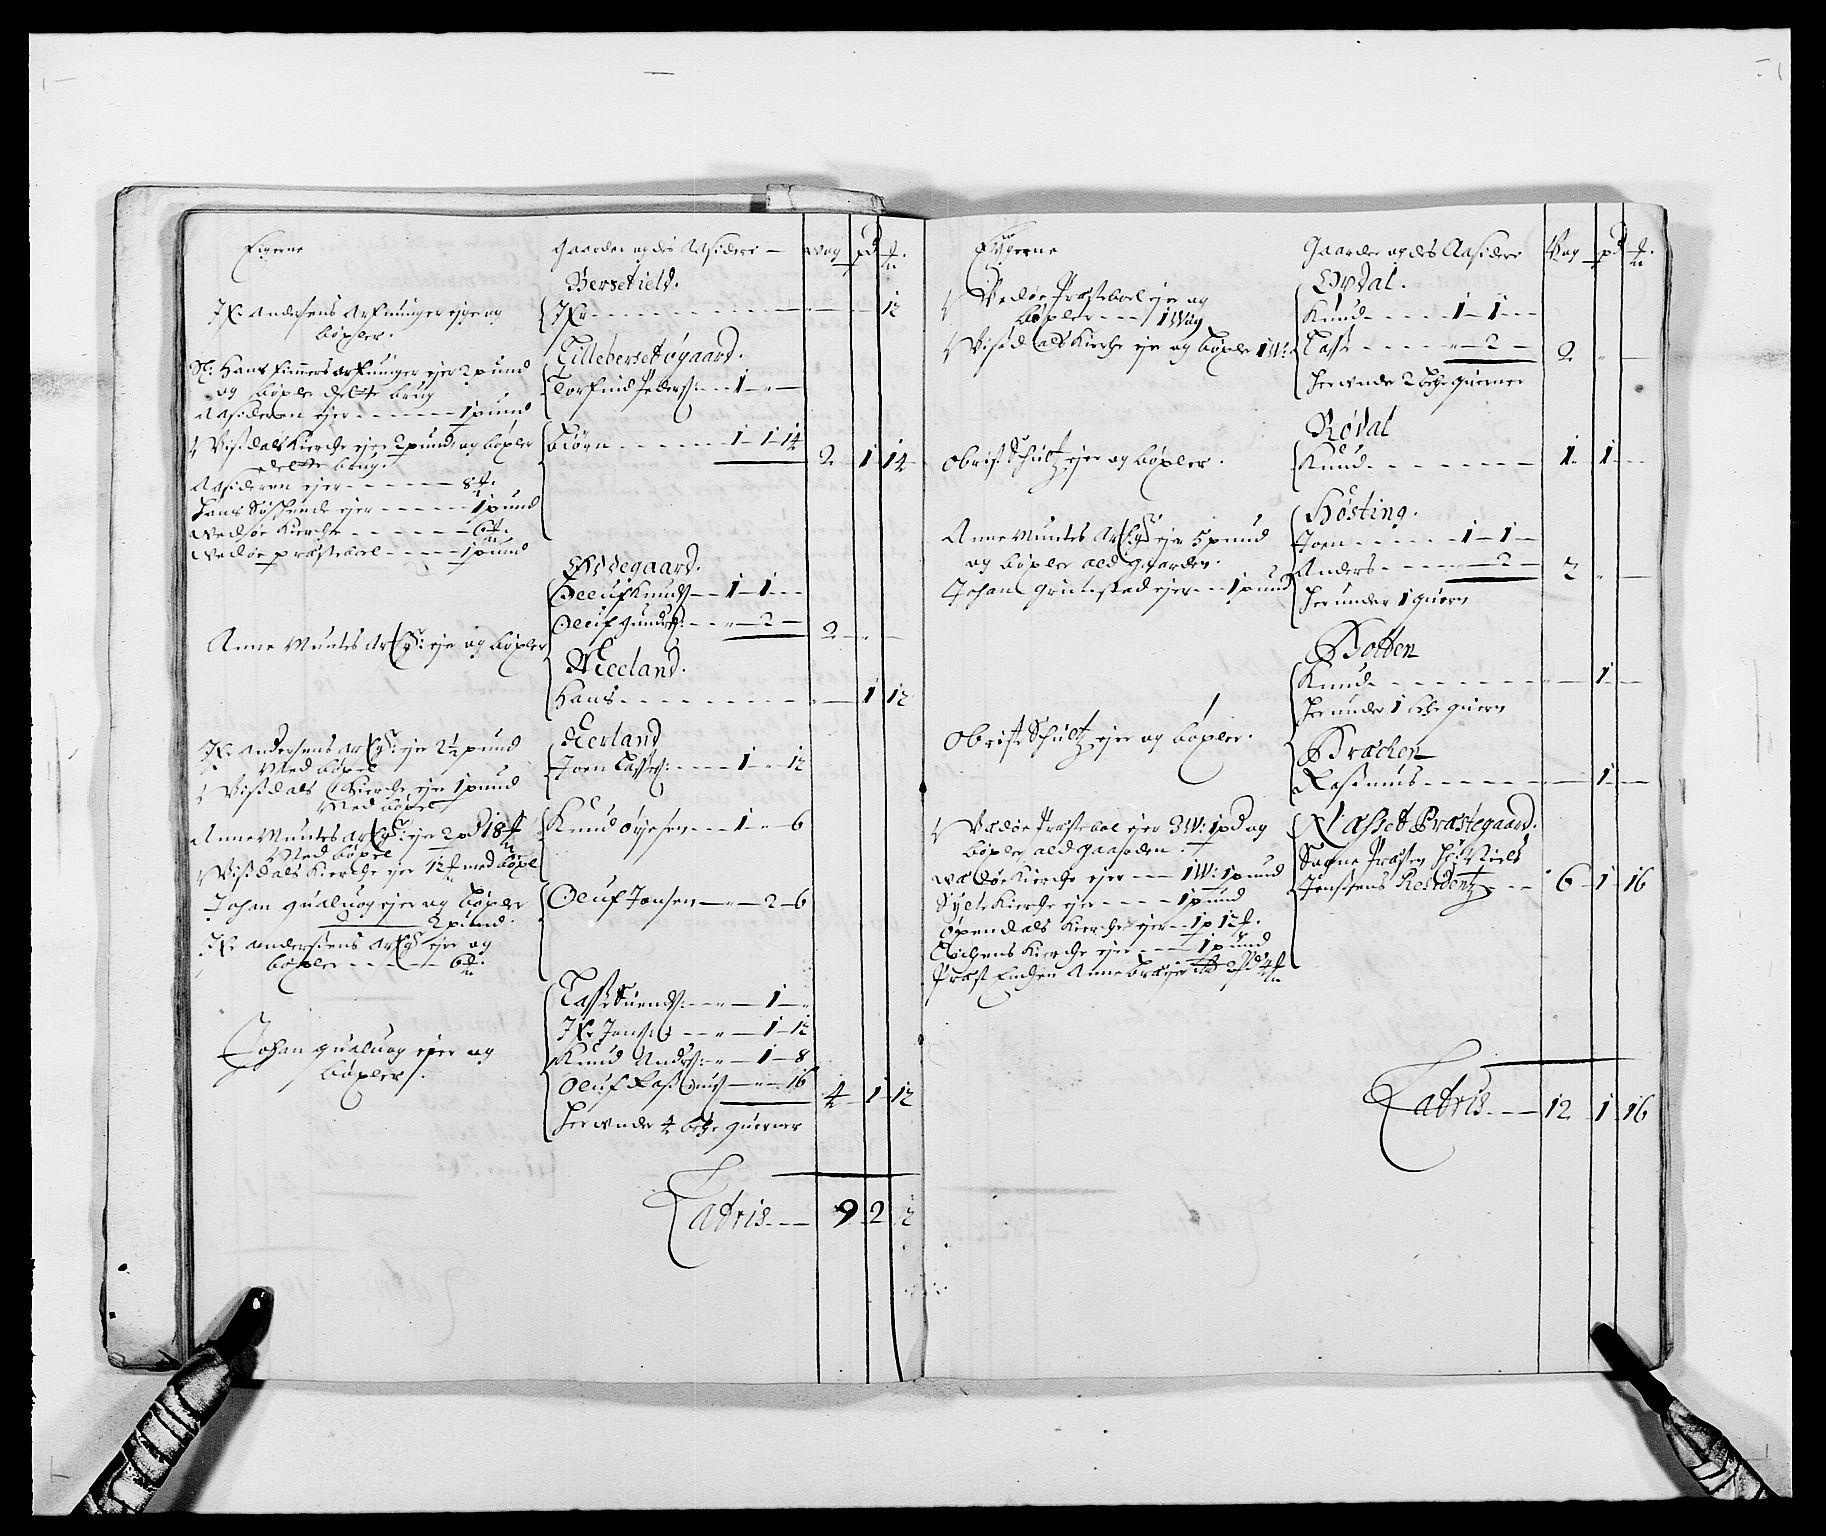 RA, Rentekammeret inntil 1814, Reviderte regnskaper, Fogderegnskap, R55/L3648: Fogderegnskap Romsdal, 1687-1689, s. 180